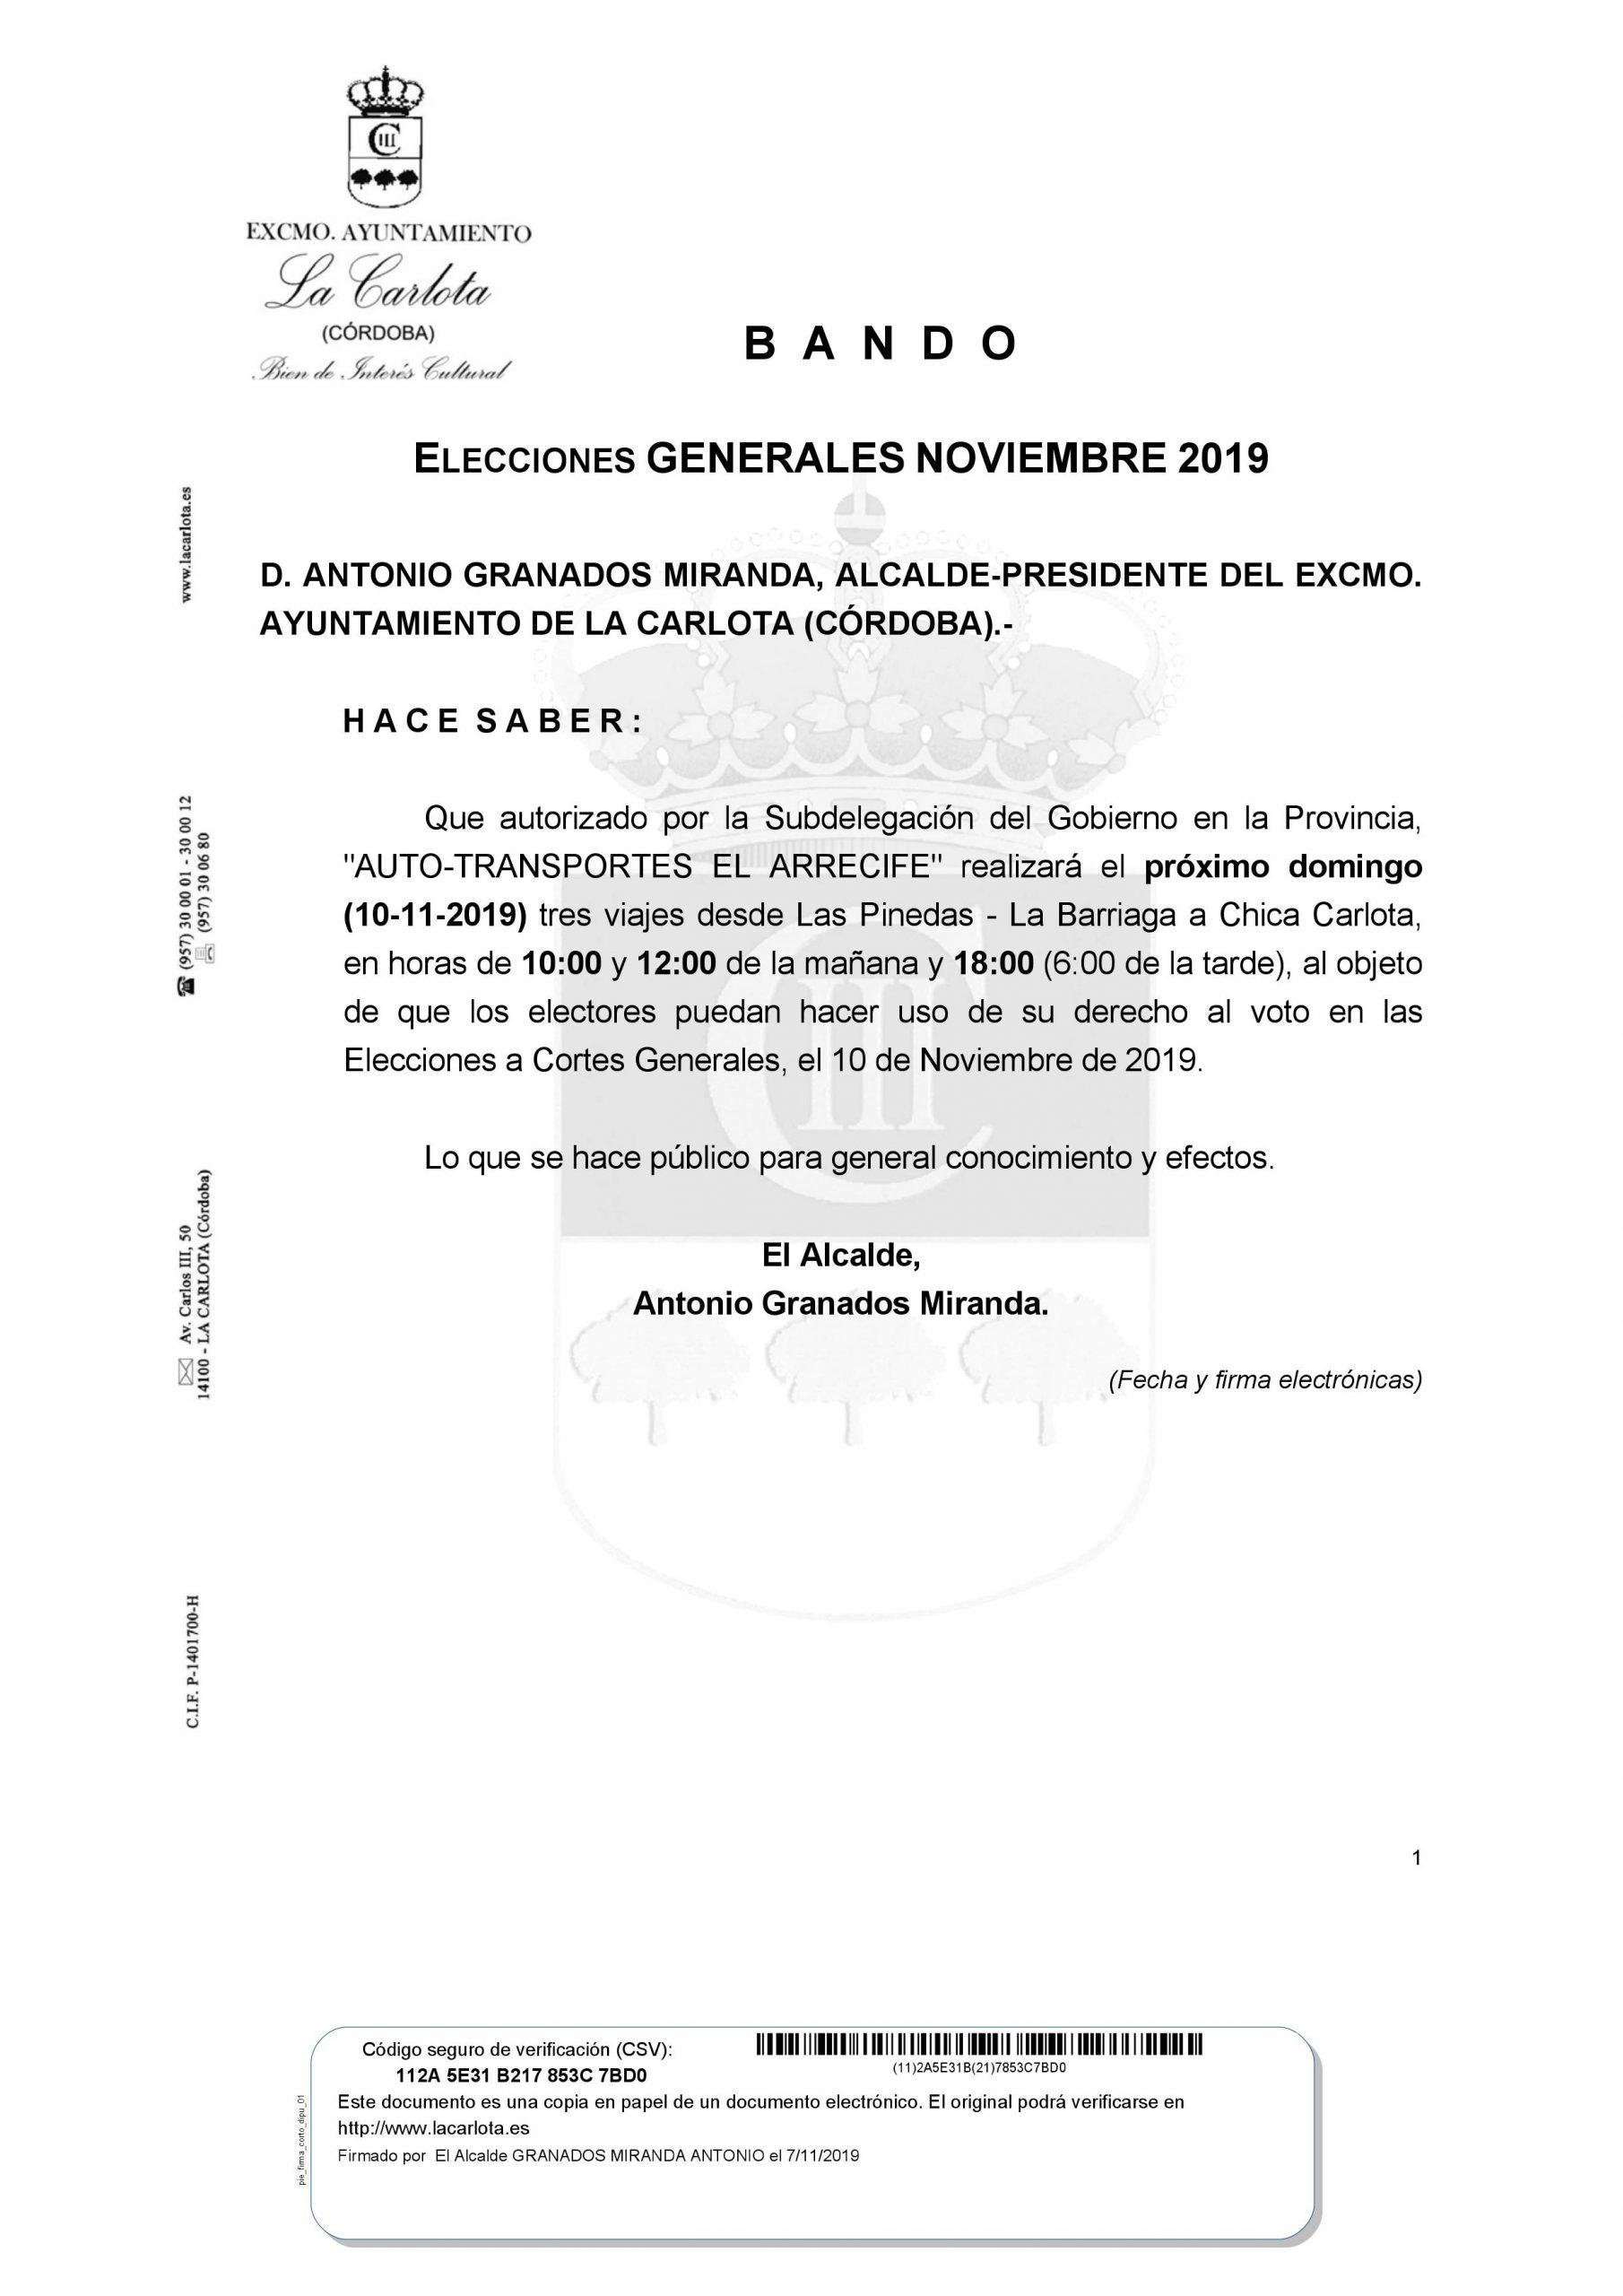 BANDO ELECCIONES GENERALES NOVIEMBRE 2019  1